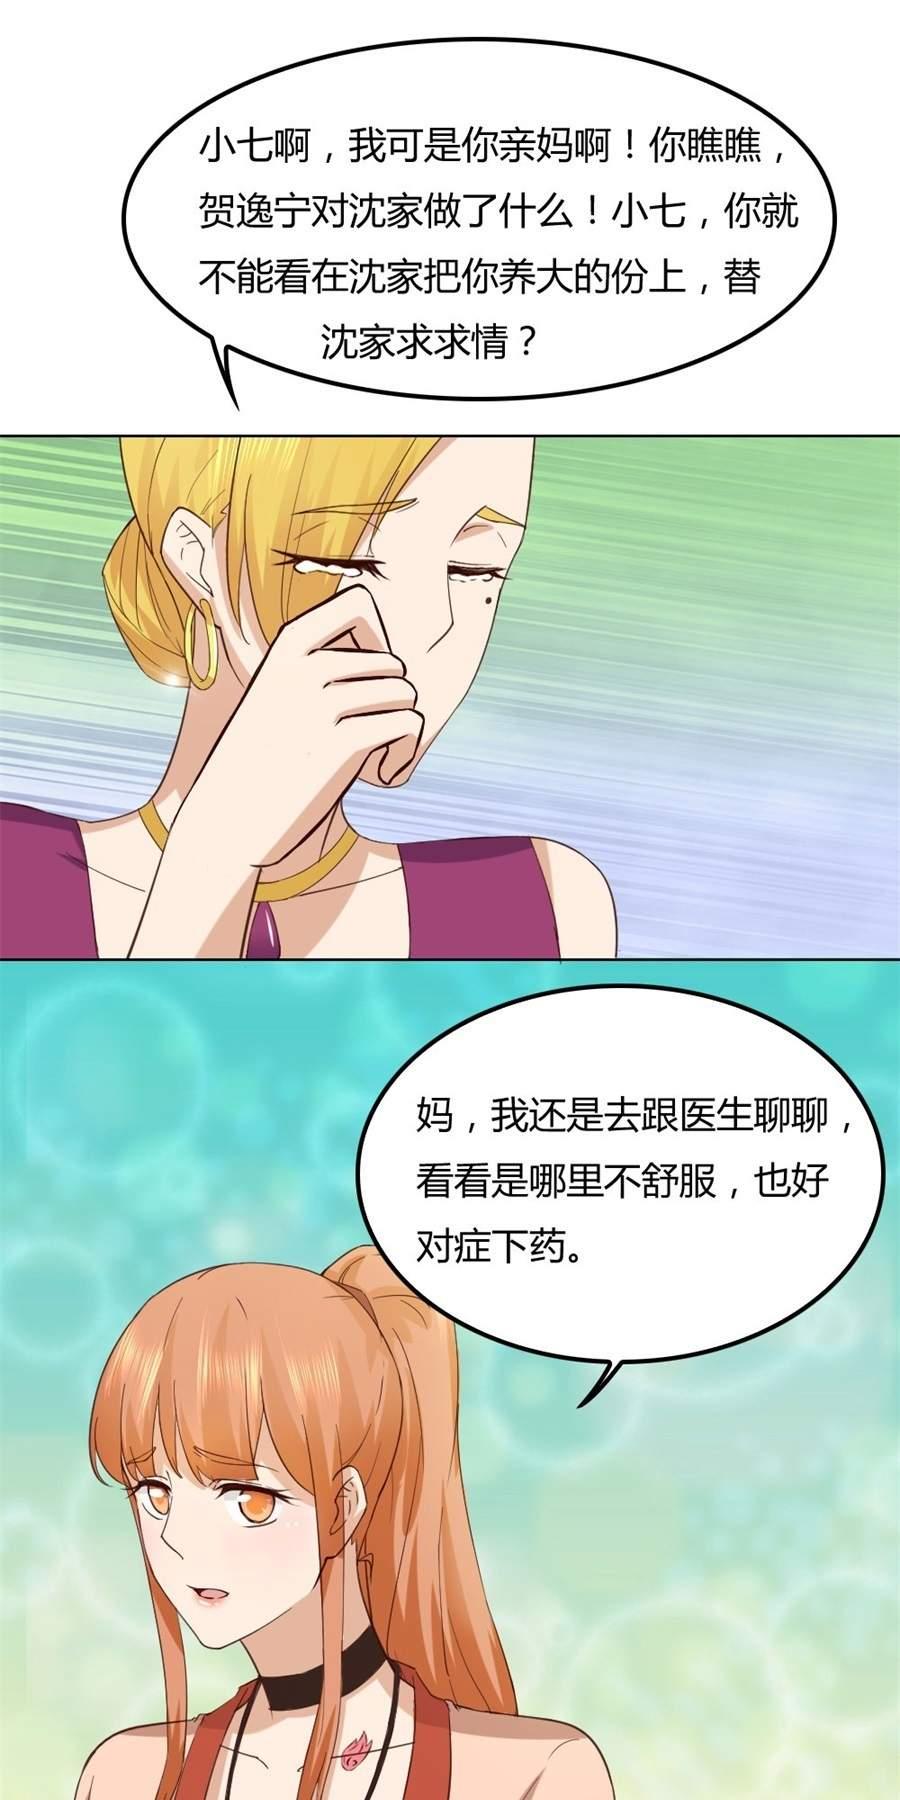 错嫁替婚总裁第85话  纠缠小七…… 第 3